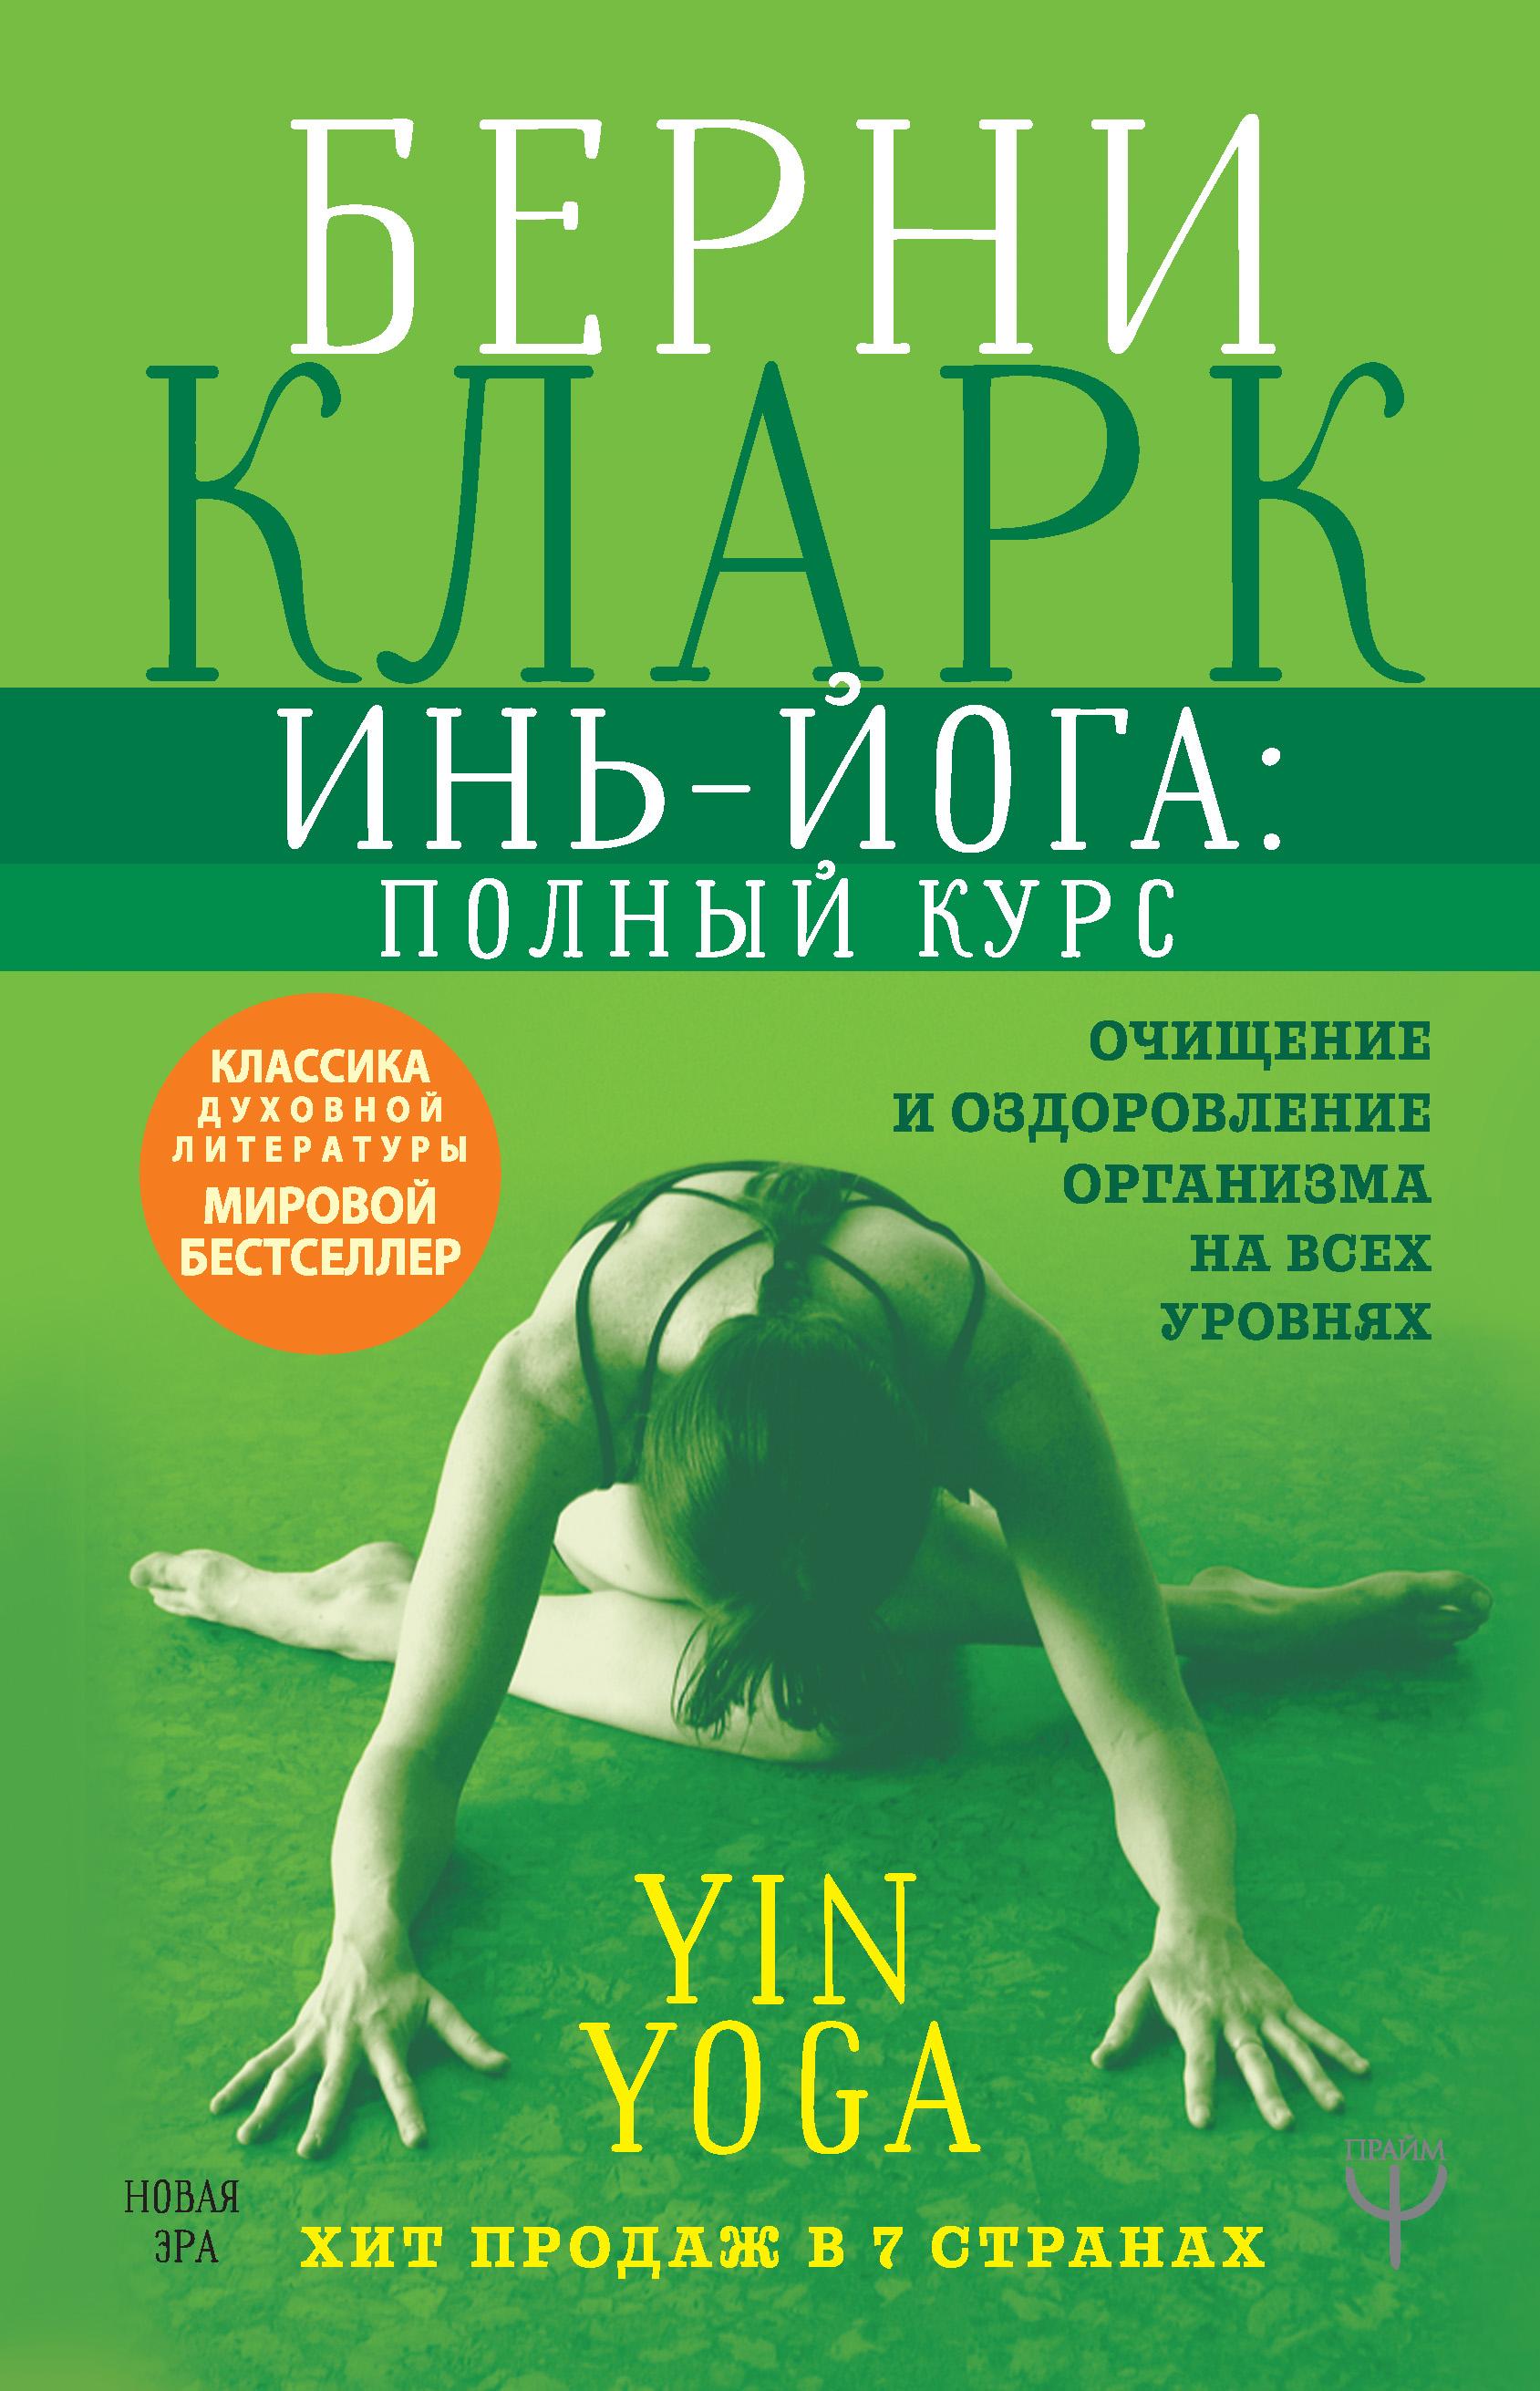 Берни Кларк Инь-йога: полный курс. Очищение и оздоровление организма на всех уровнях автор не указан увещание охладевшим и отступникам